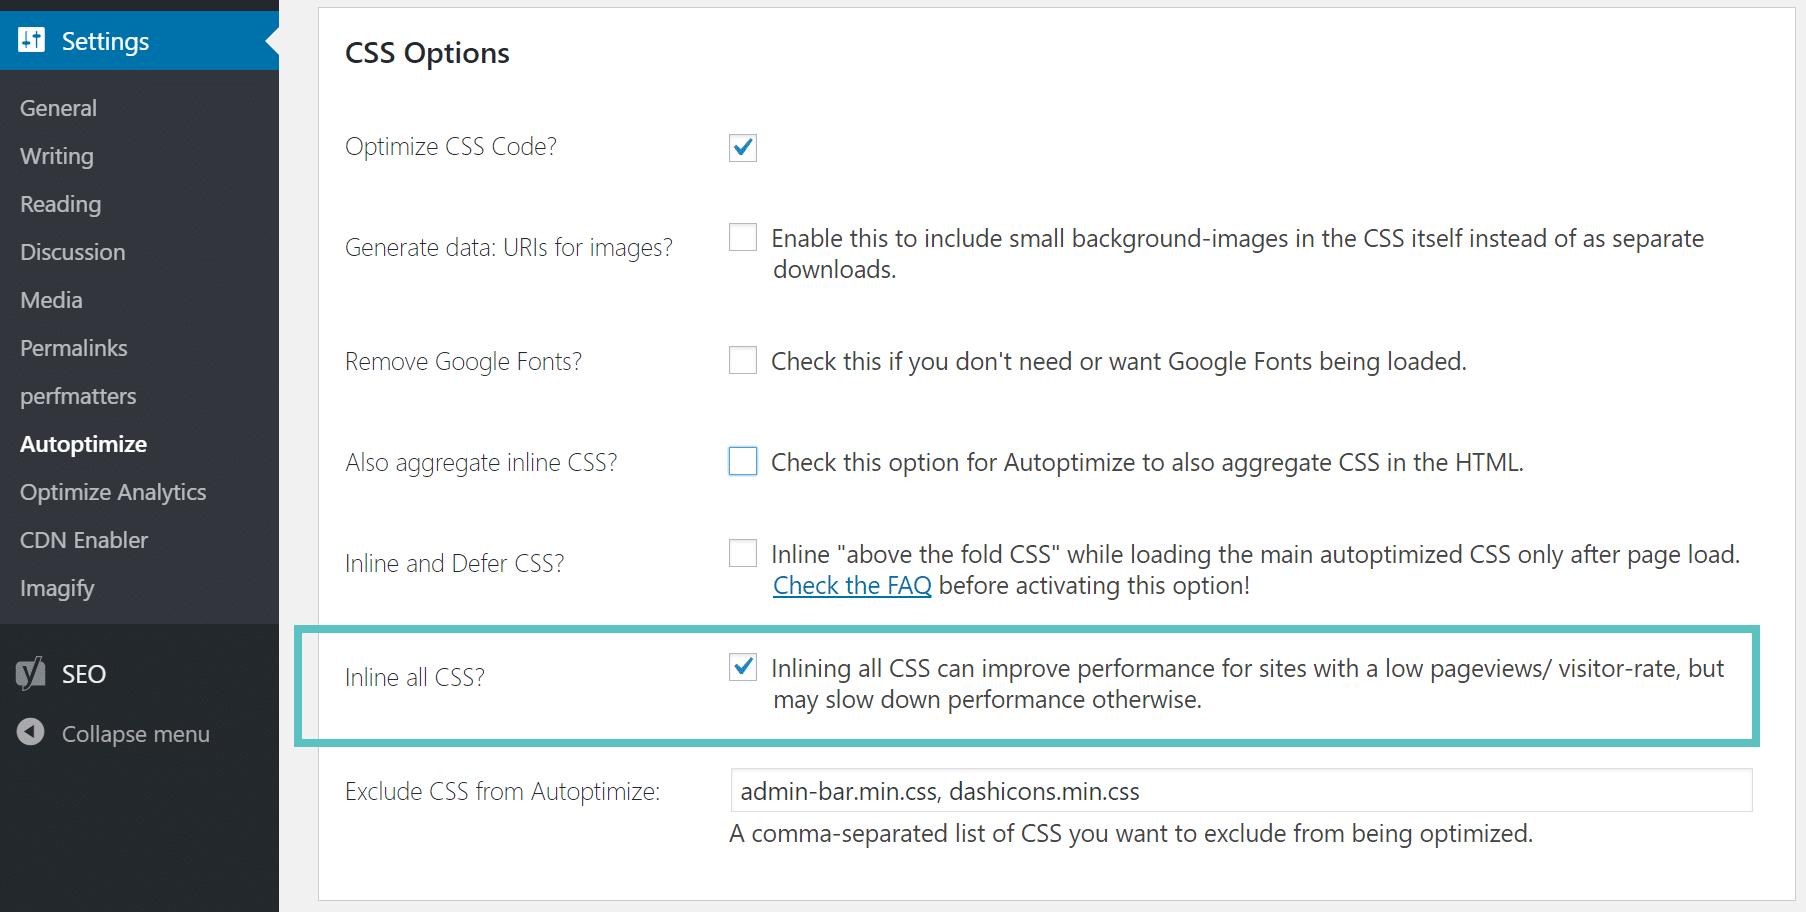 Autoptimize inline CSS